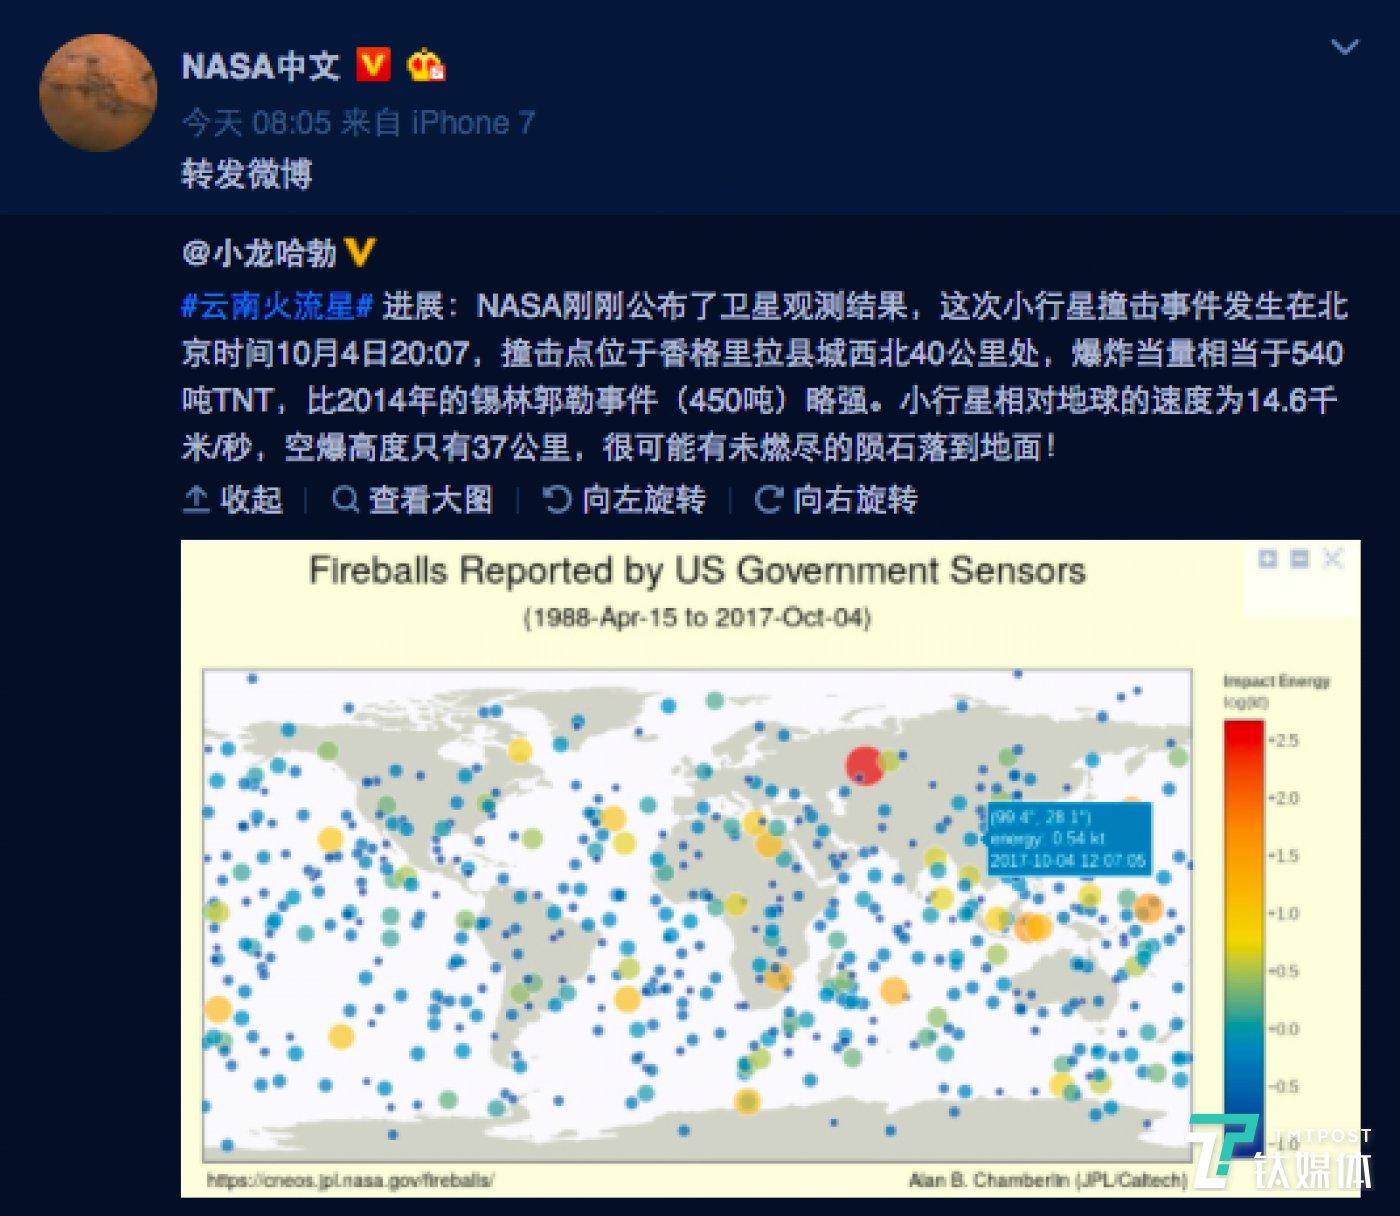 图片来源NASA中文